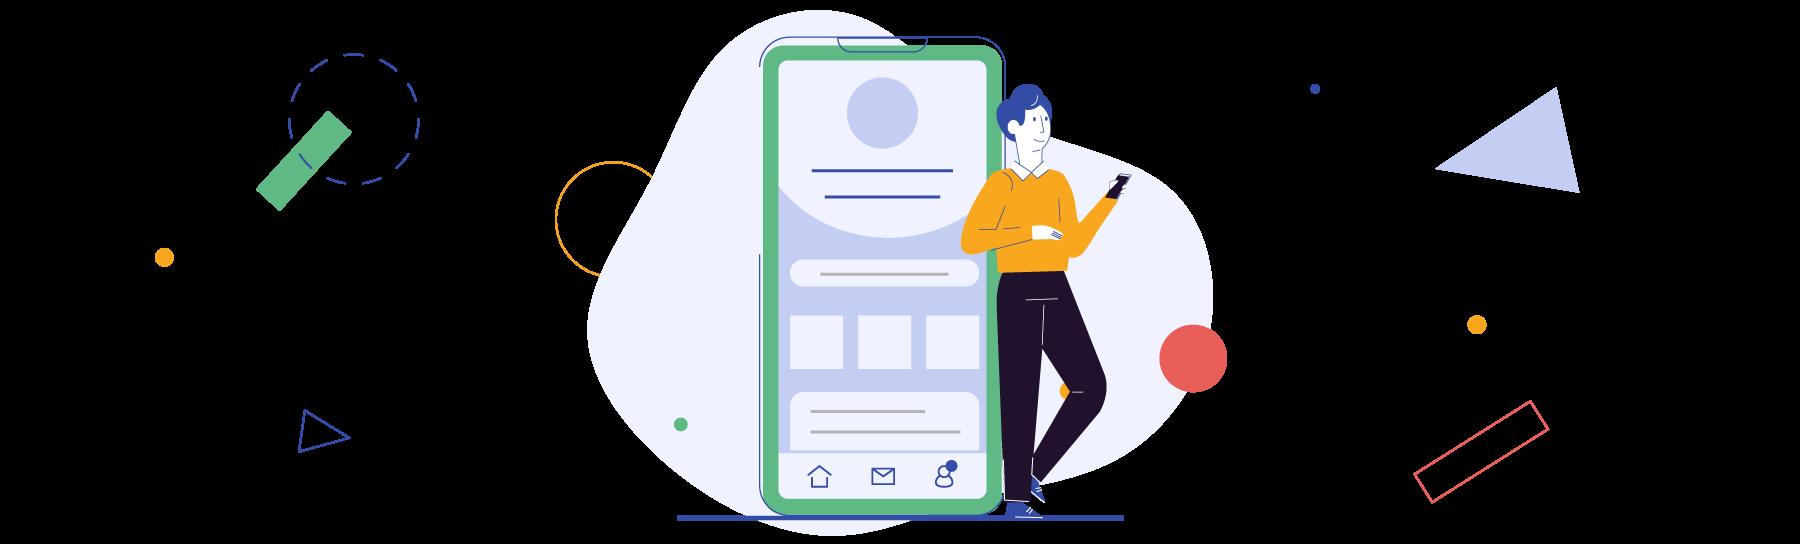 illustrazione vantaggi dello sviluppo di un'app